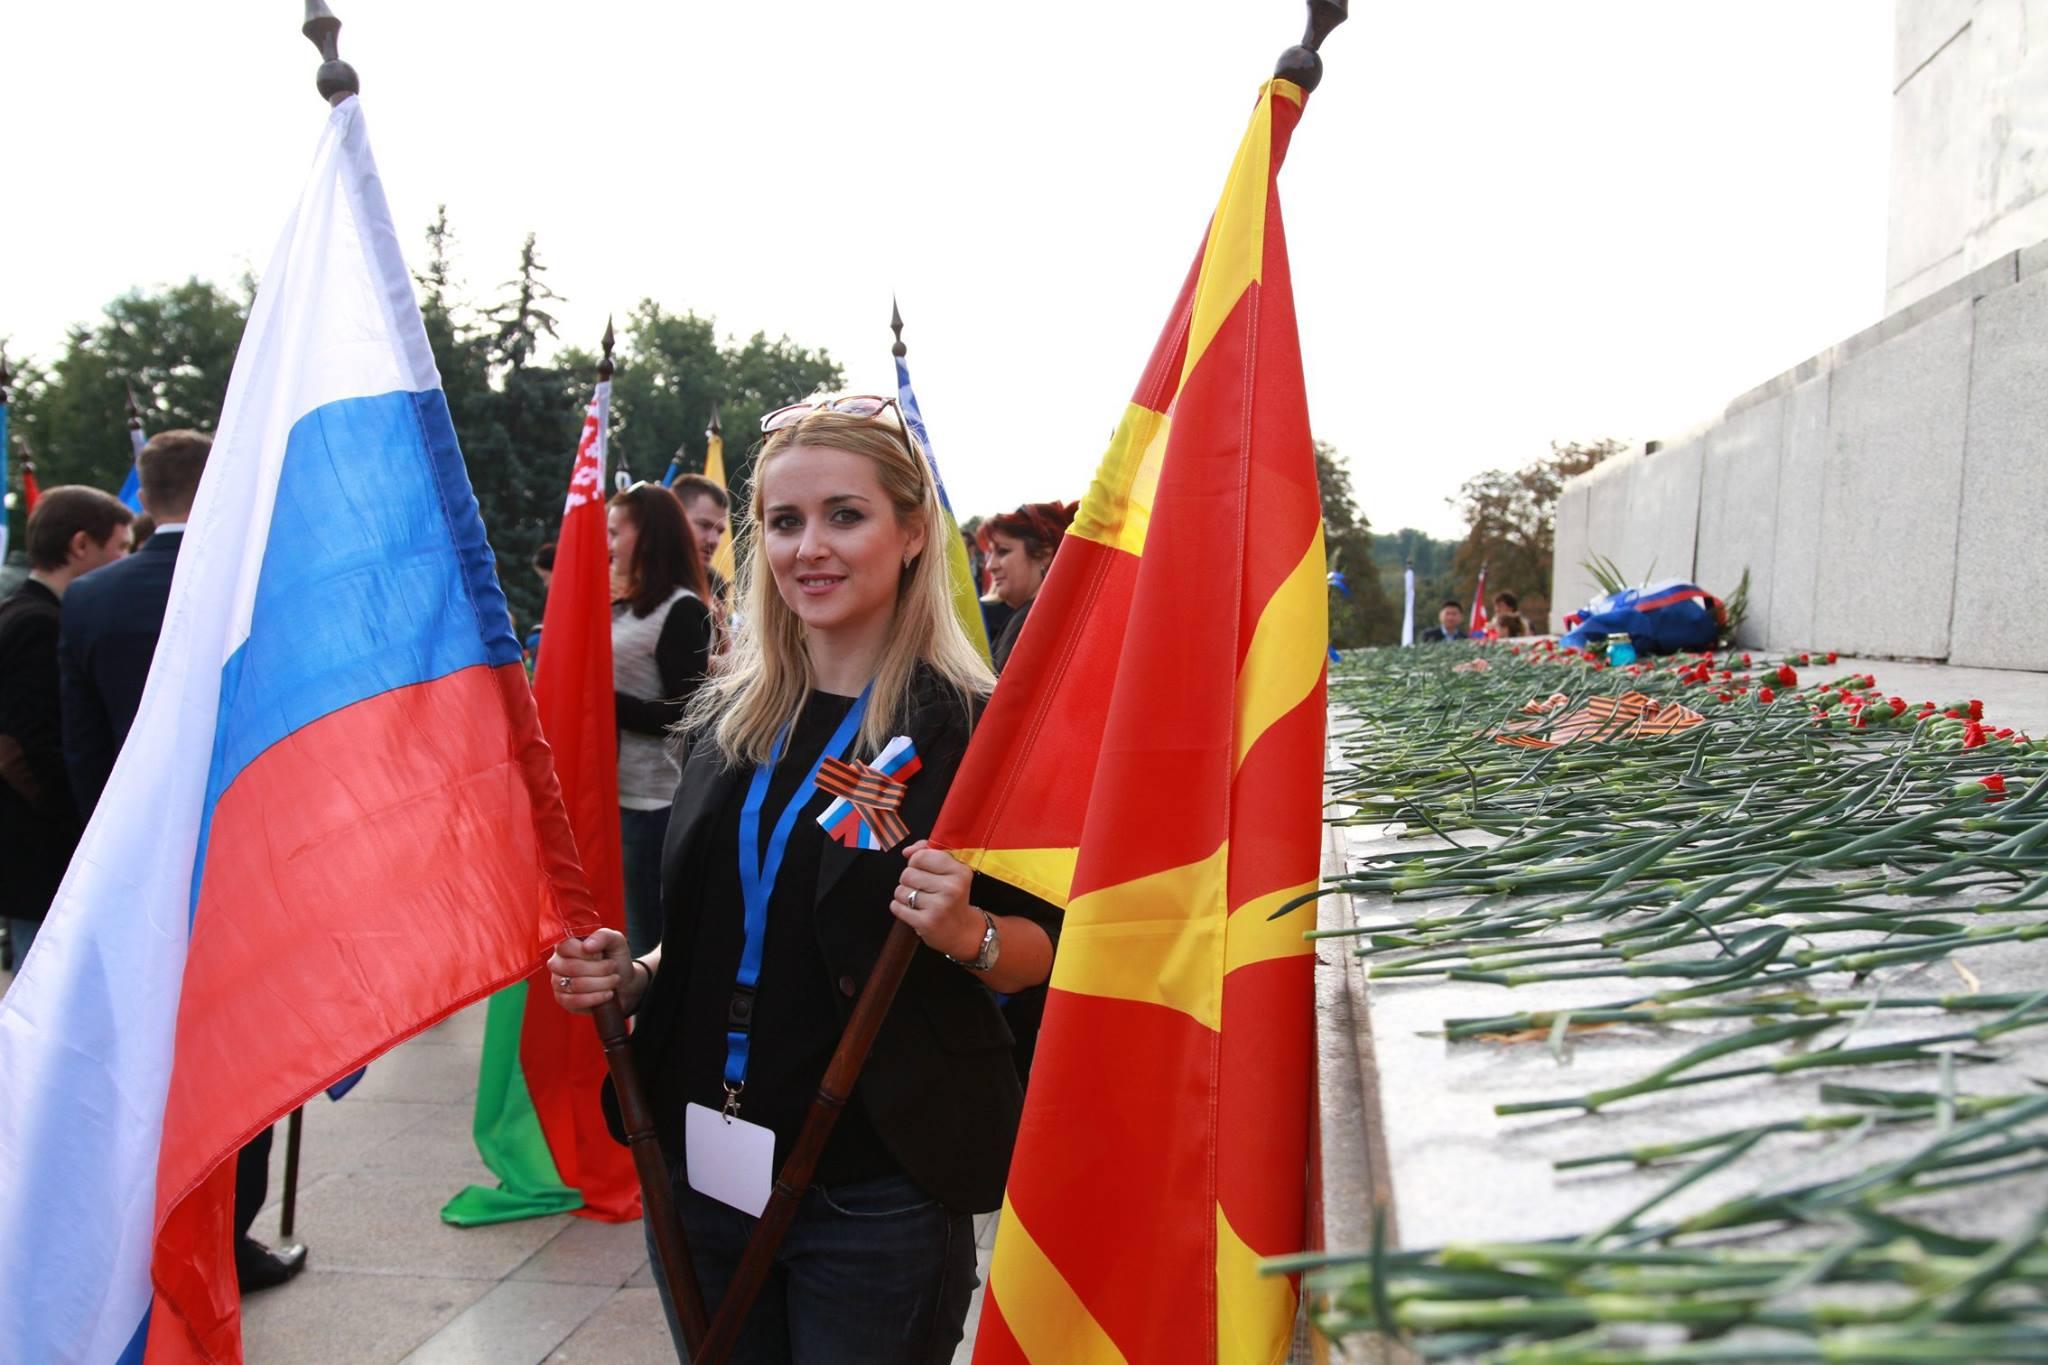 Софија, Бугарија. Светски младински форум на Руски сонародници. Положување на свежо цвеќе на споменикот на Советската армија. Септември, 2016 г.